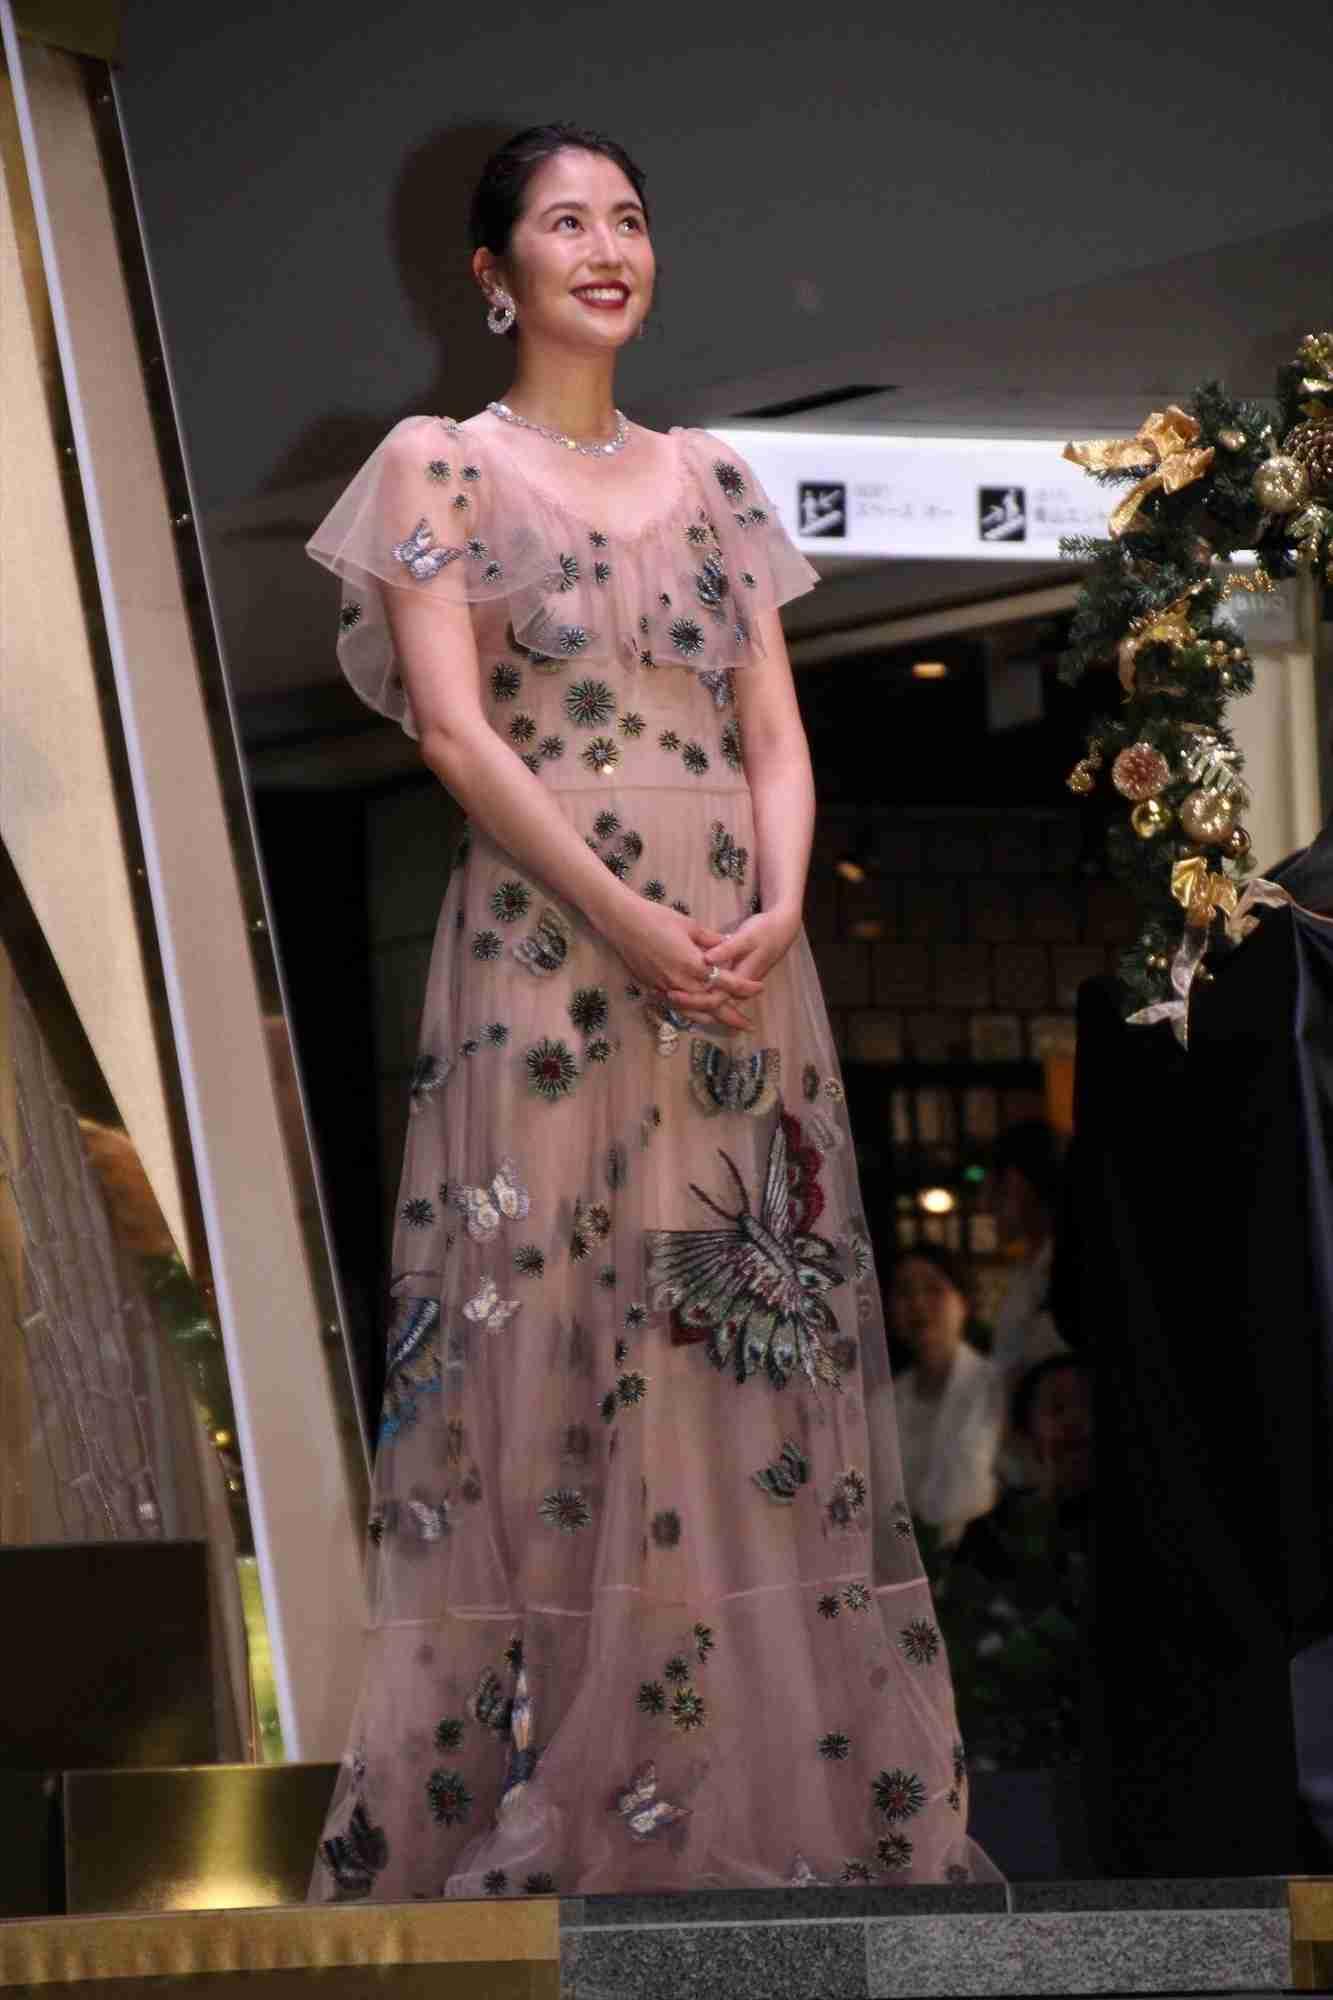 山田優 水原希子らと美ボディー生かす透け感スタイル ディオールのショーに来場